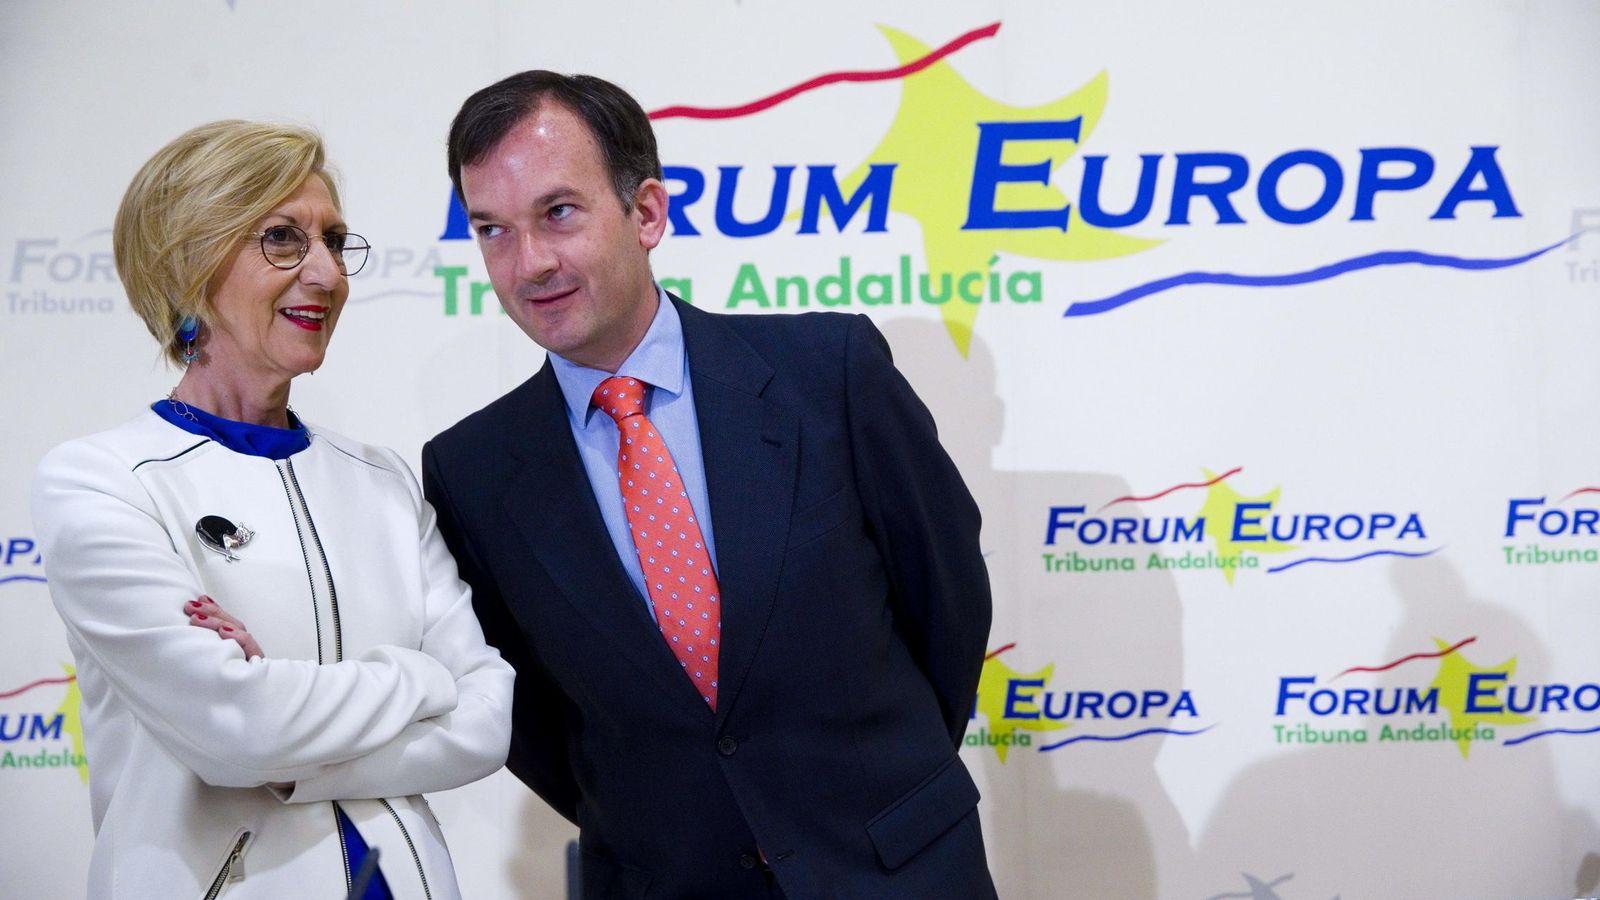 Foto: Rosa Díez junto al cabeza de UPyD en Andalucía Martín de la Herrán (EFE)